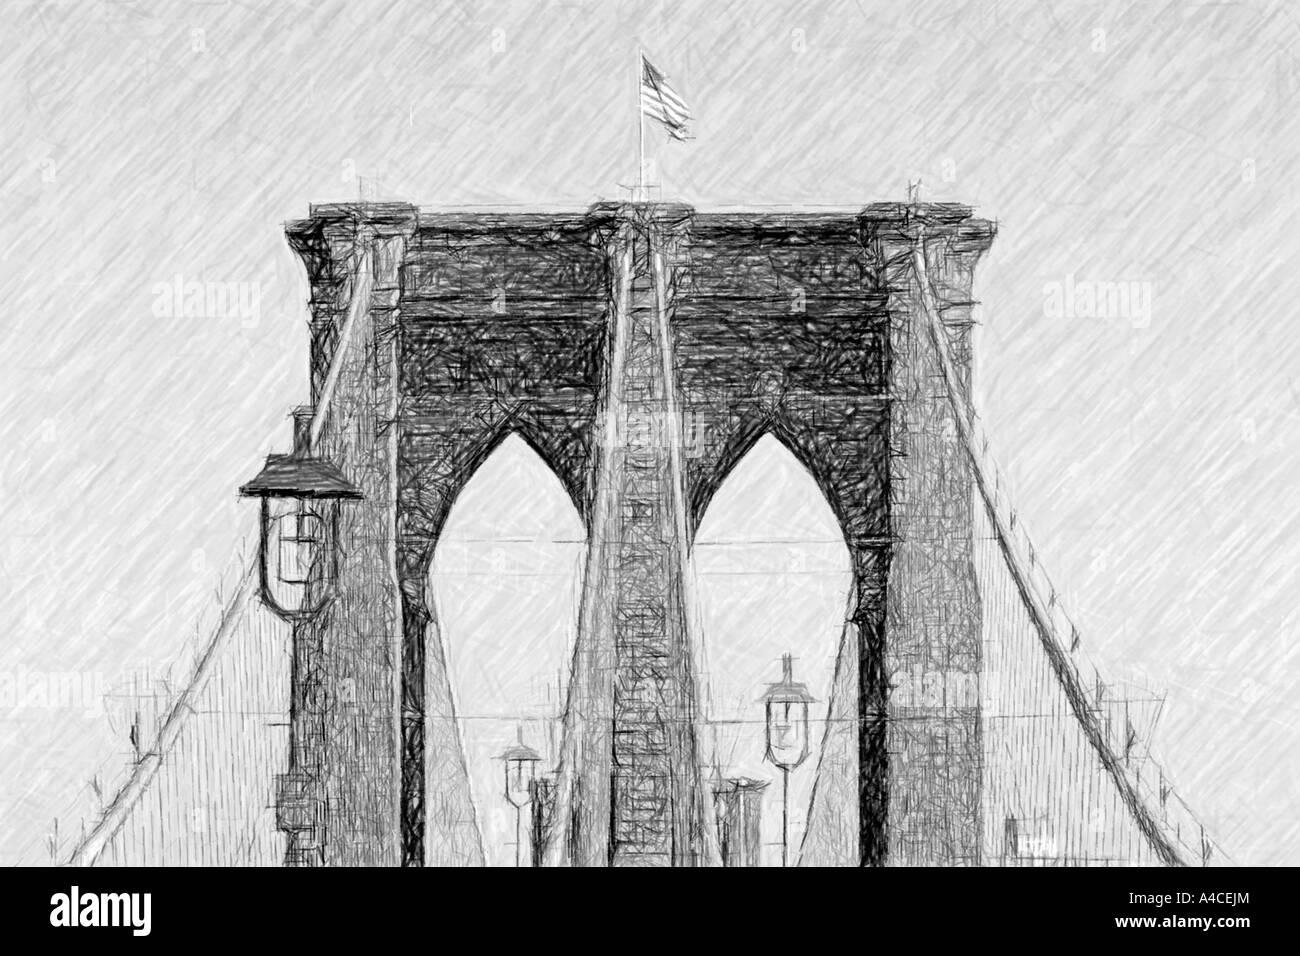 Pont de Brooklyn comme un charbon de bois ou d'un dessin rendu numériquement Photo Stock